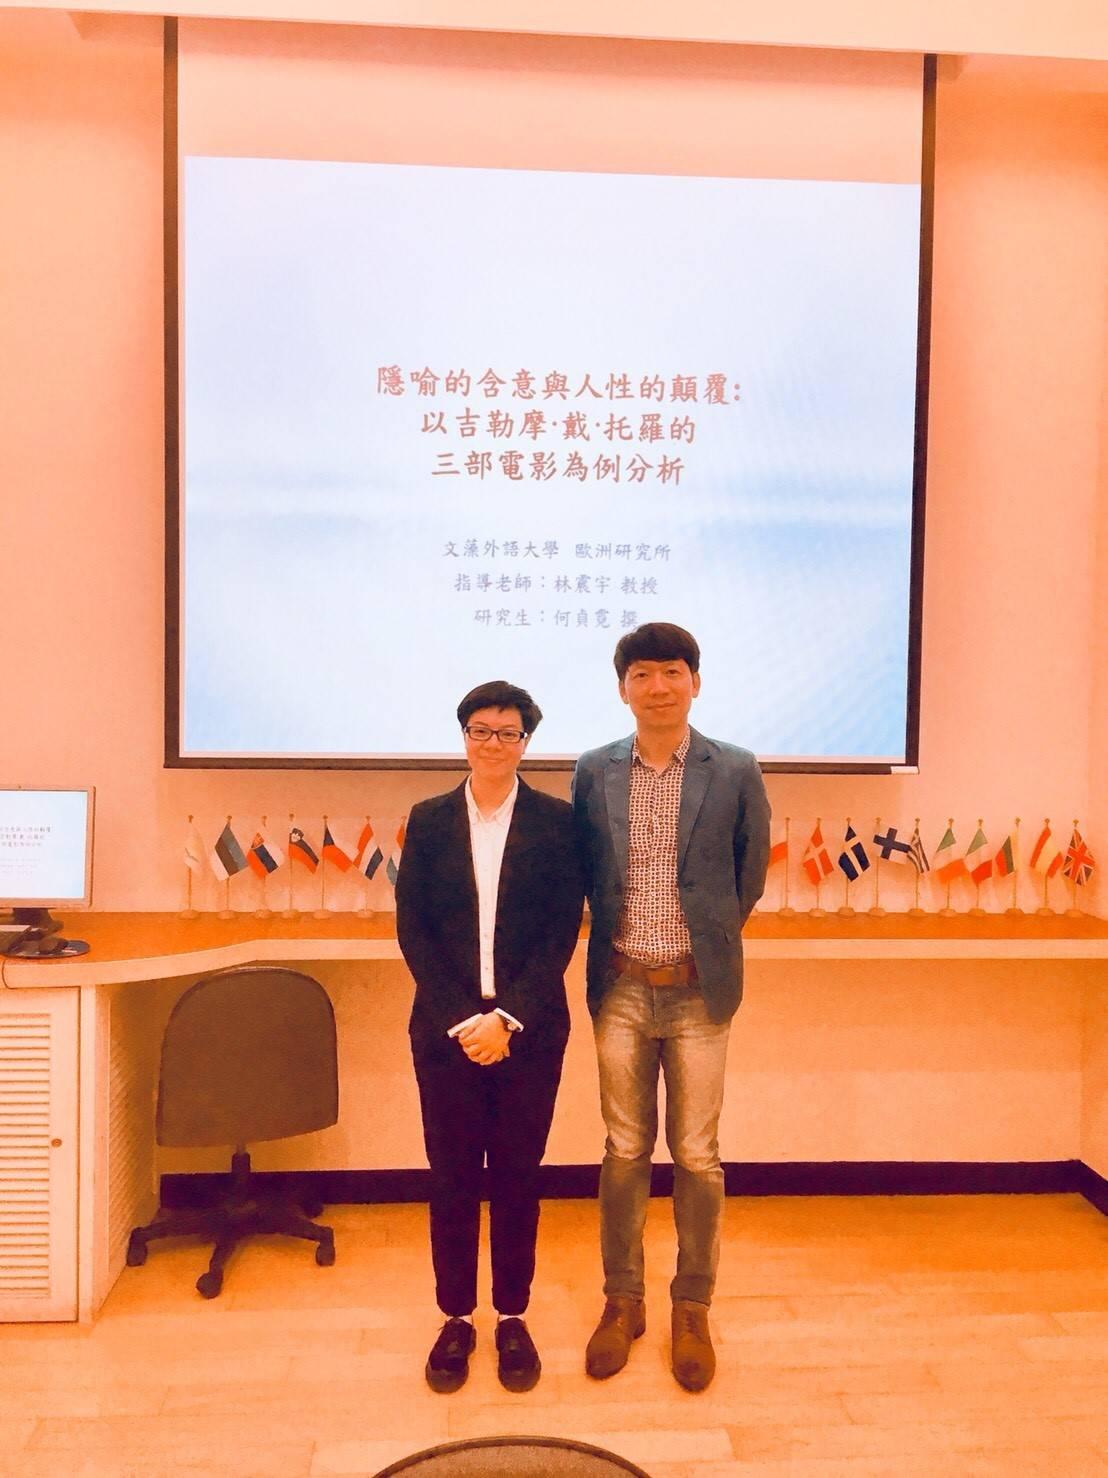 06/25 研究生何貞霓與指導教授林震宇